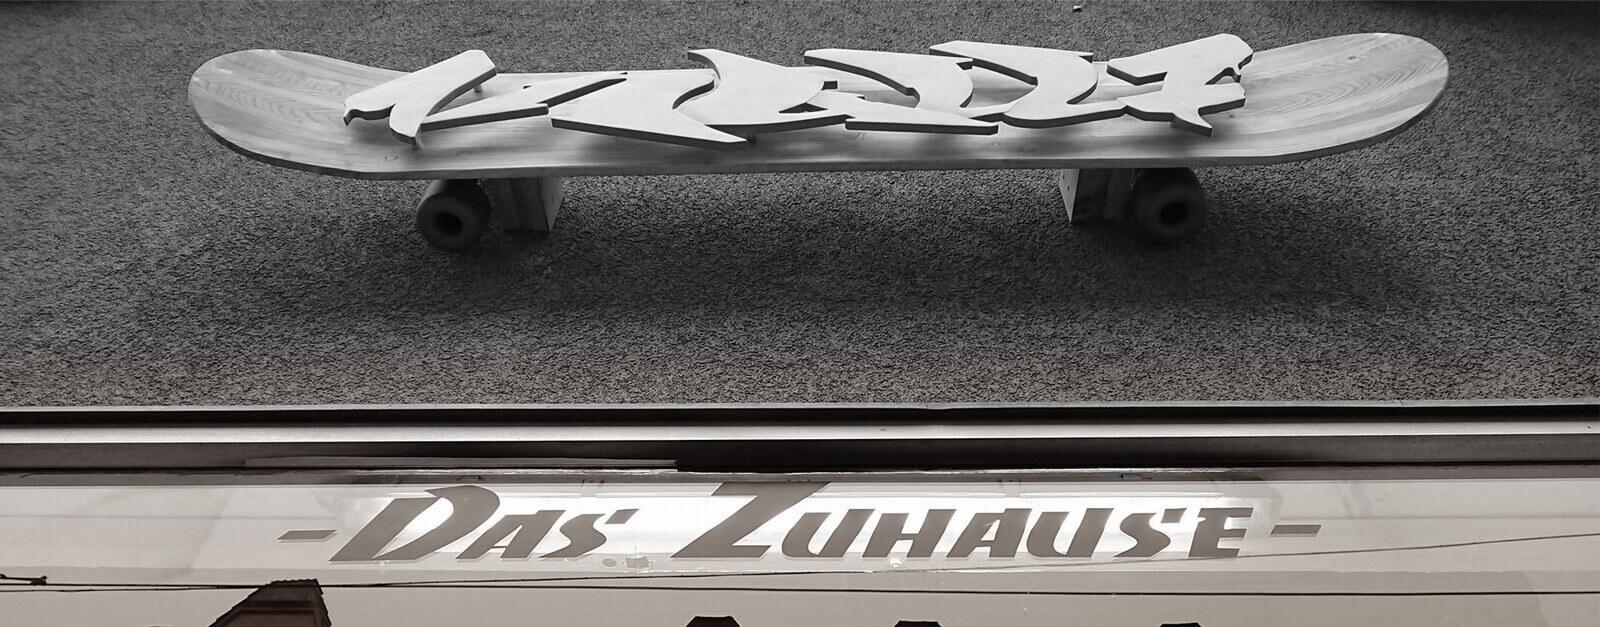 Banner-1null7-das-zuhause-kommabei-blog